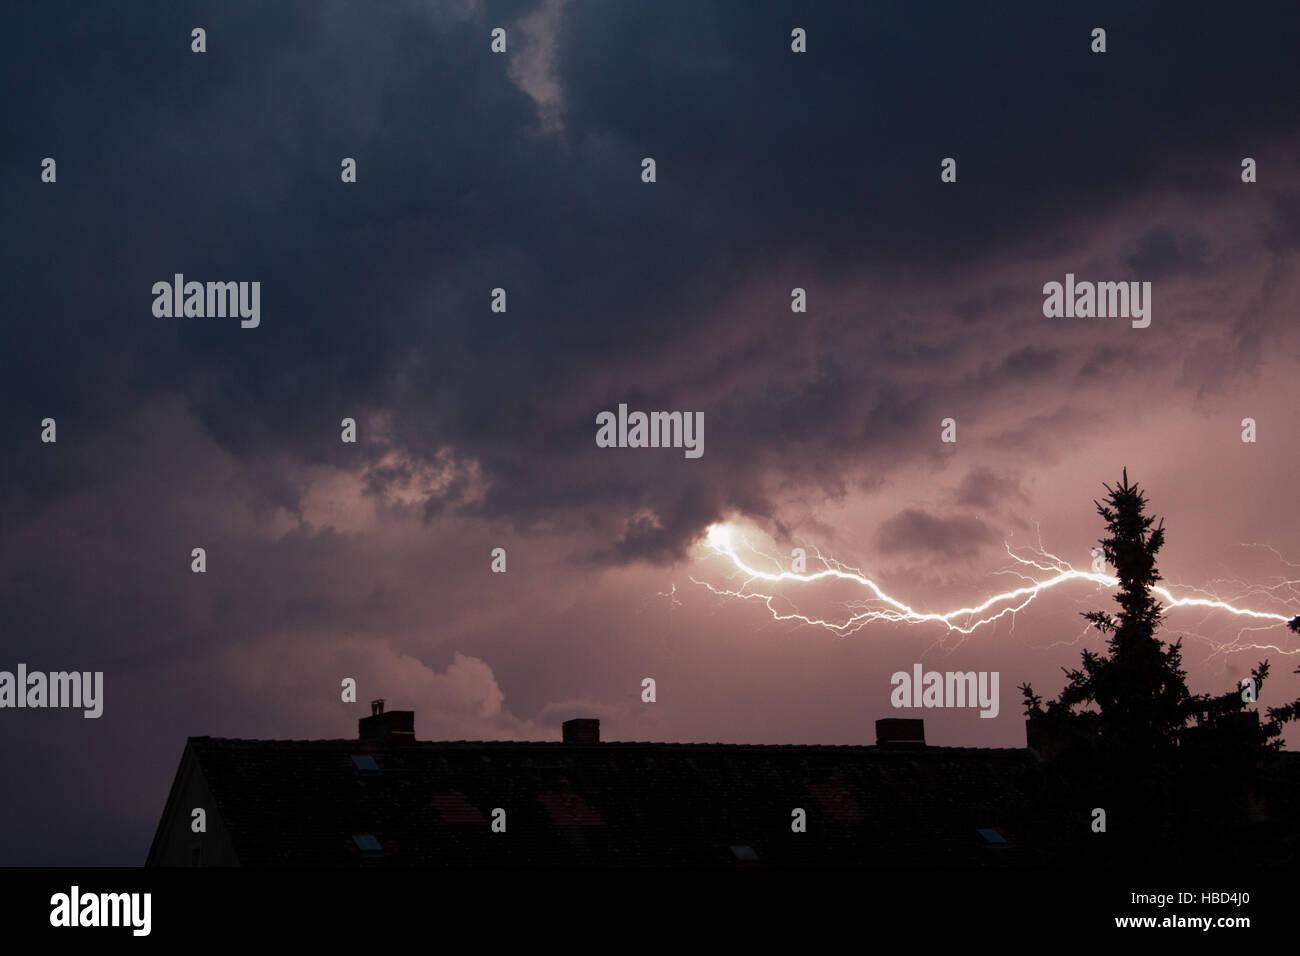 Gewitter über der Stadt Stockfoto